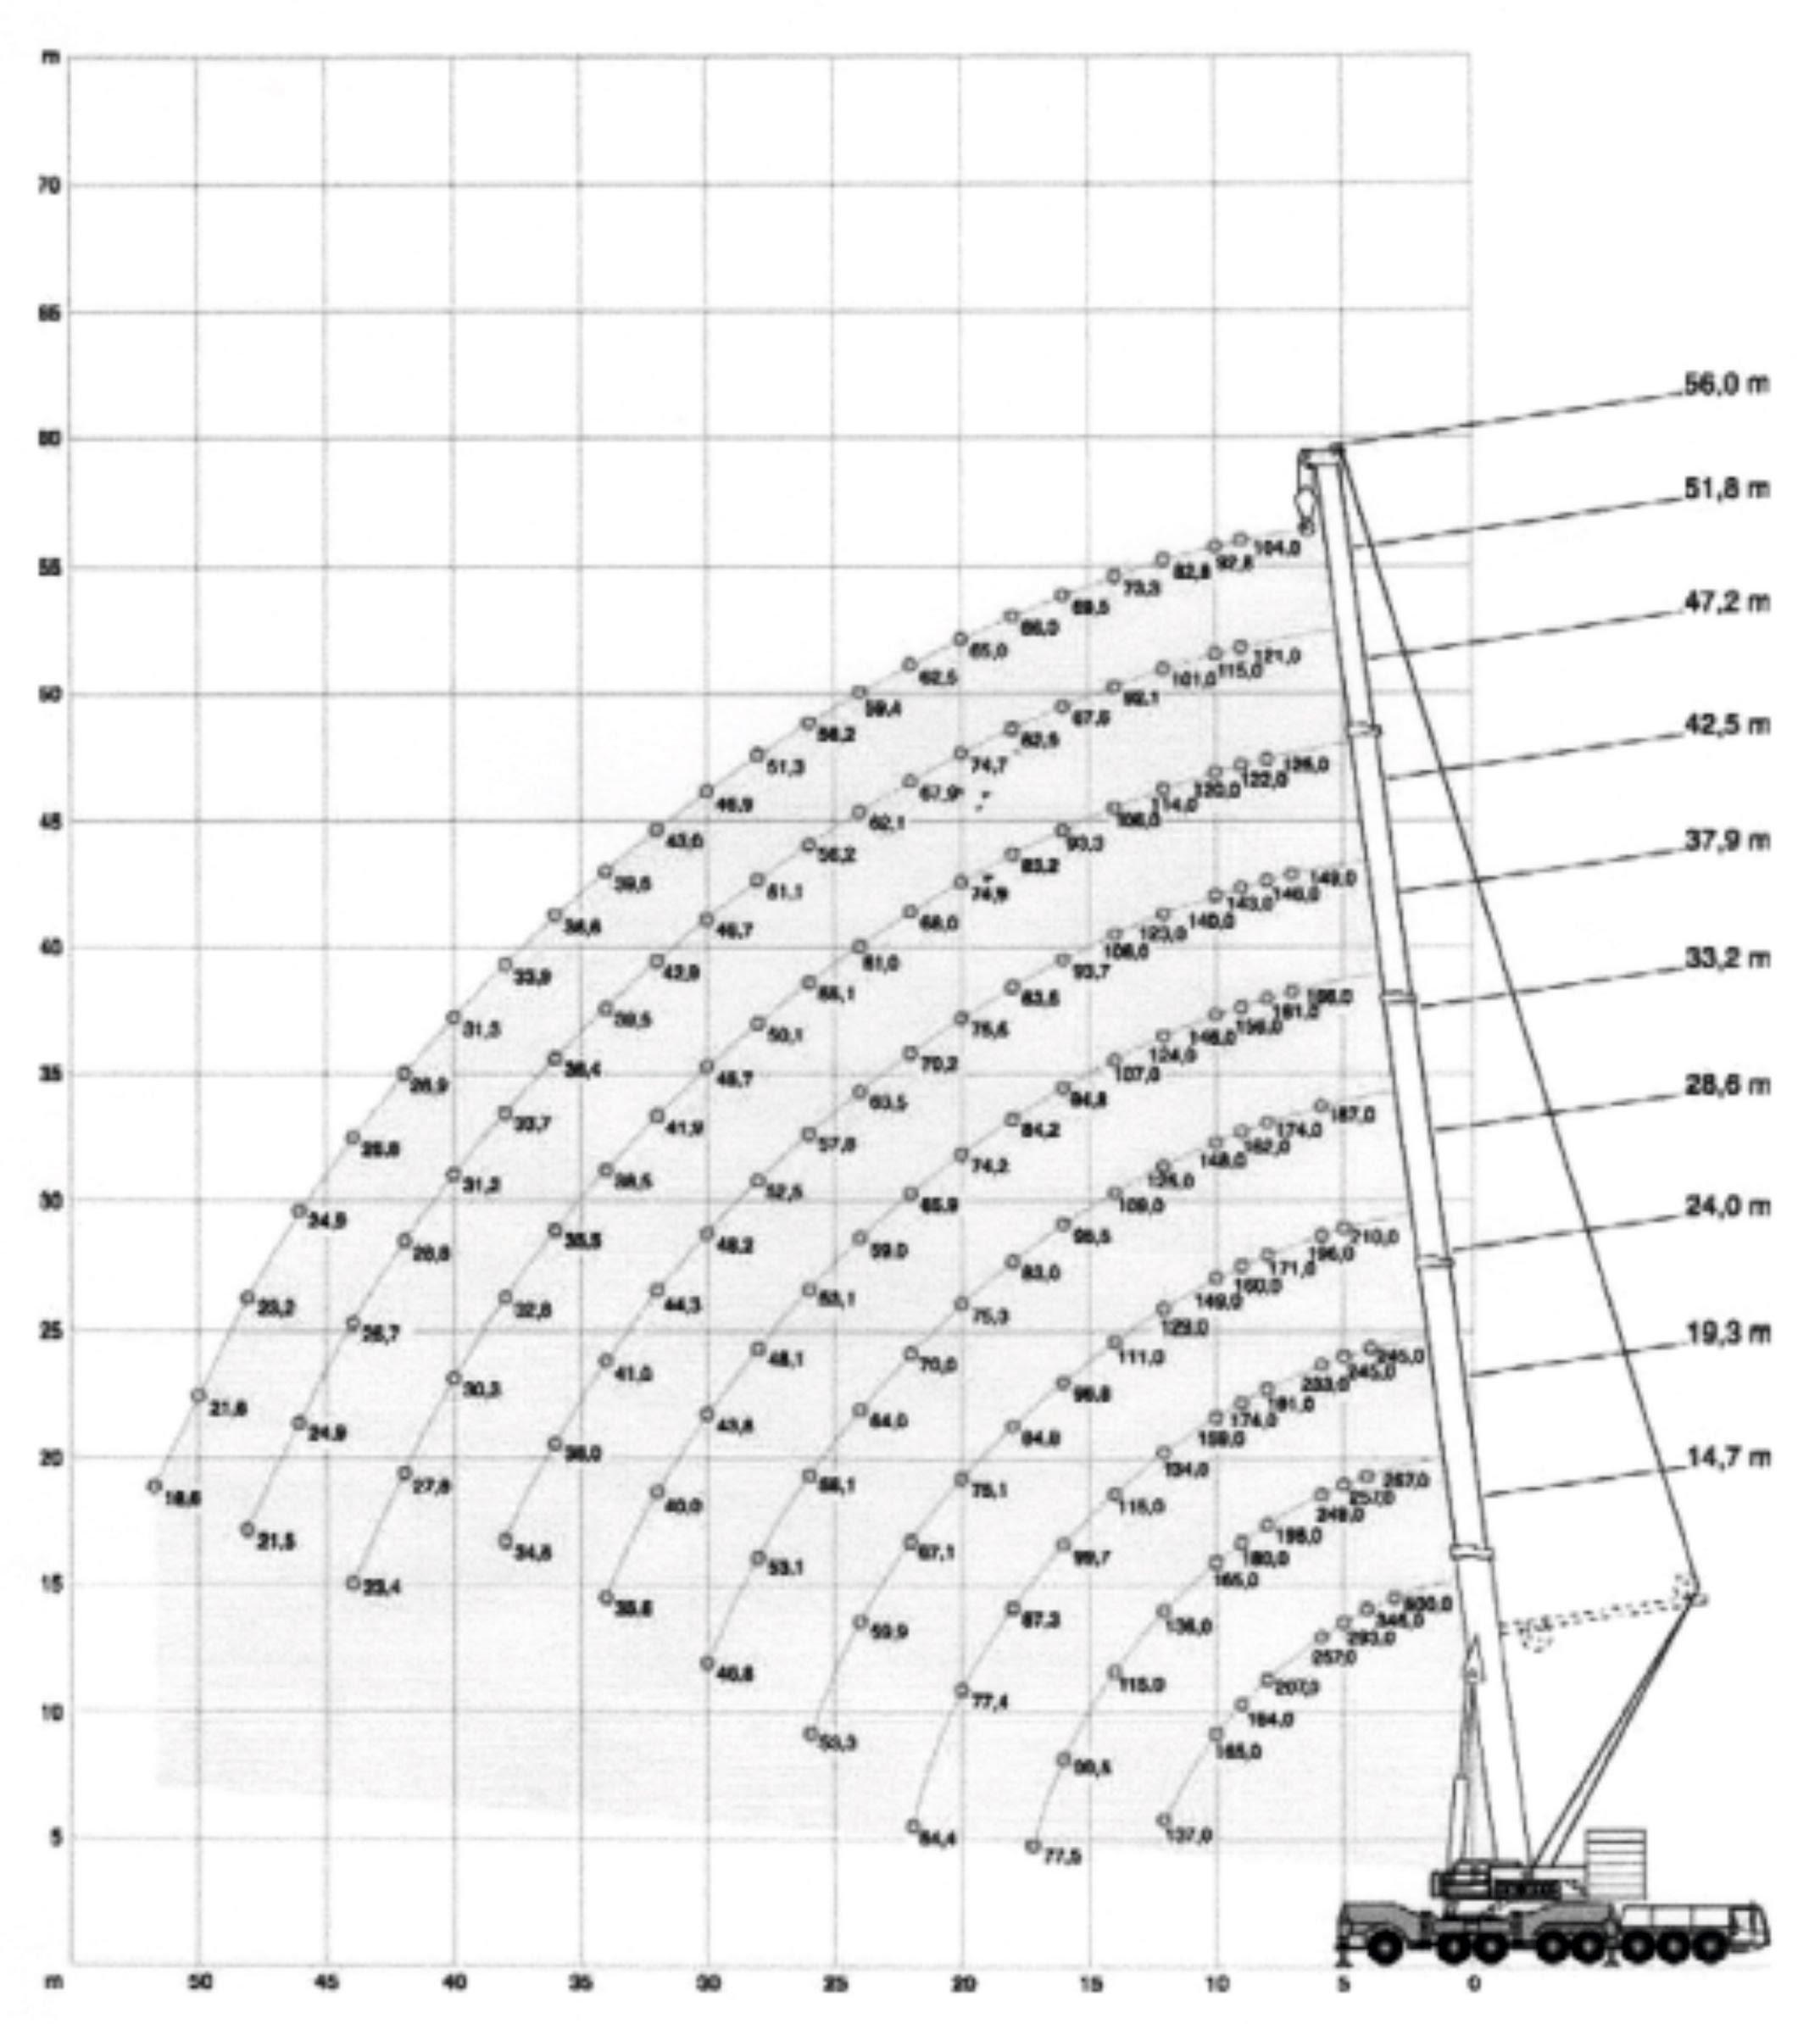 Inchiriere macara 500 de tone - diagrama 500 tone